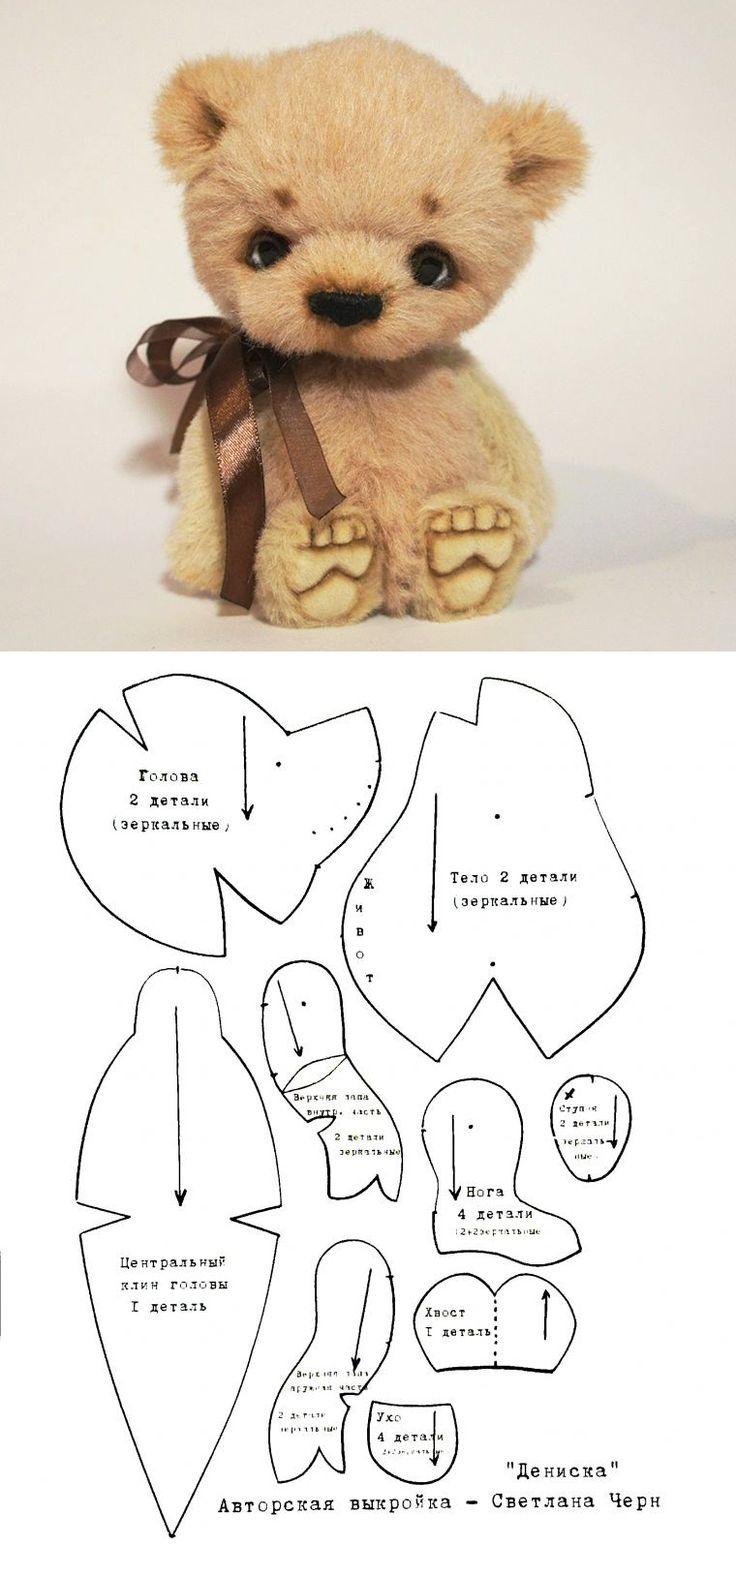 Как сделать выкройку медведя и сшить плюшевую и мягкую игрушку своими 48